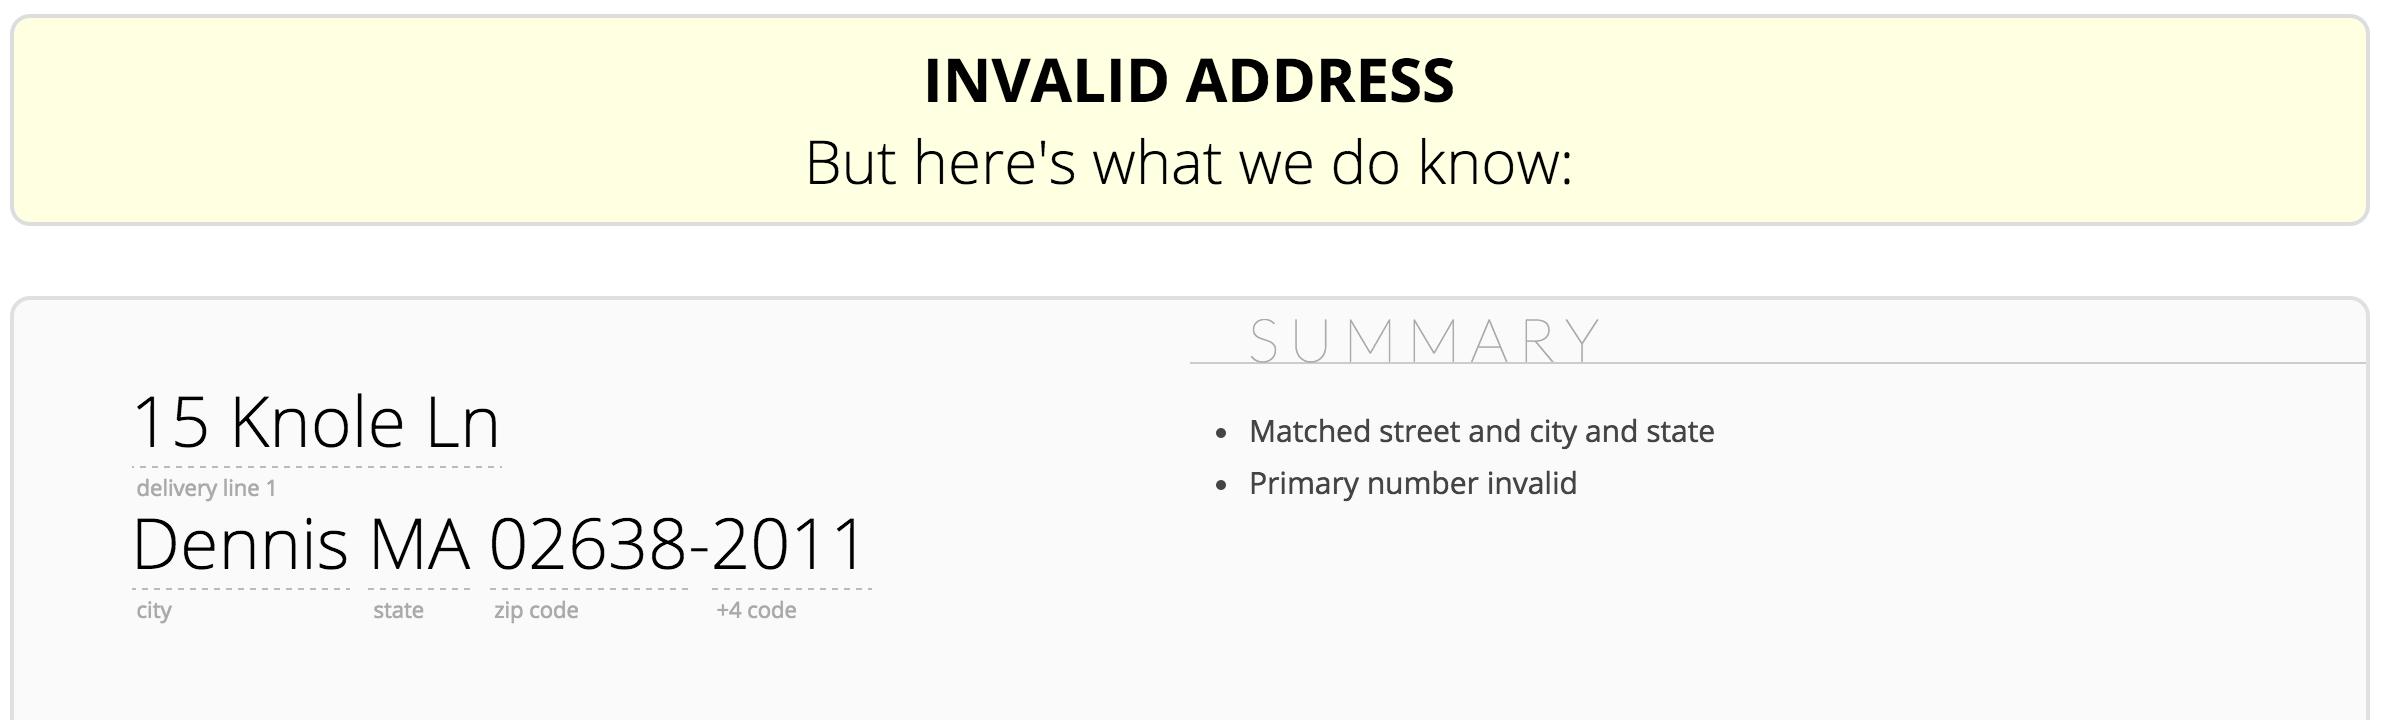 Google Address Validation